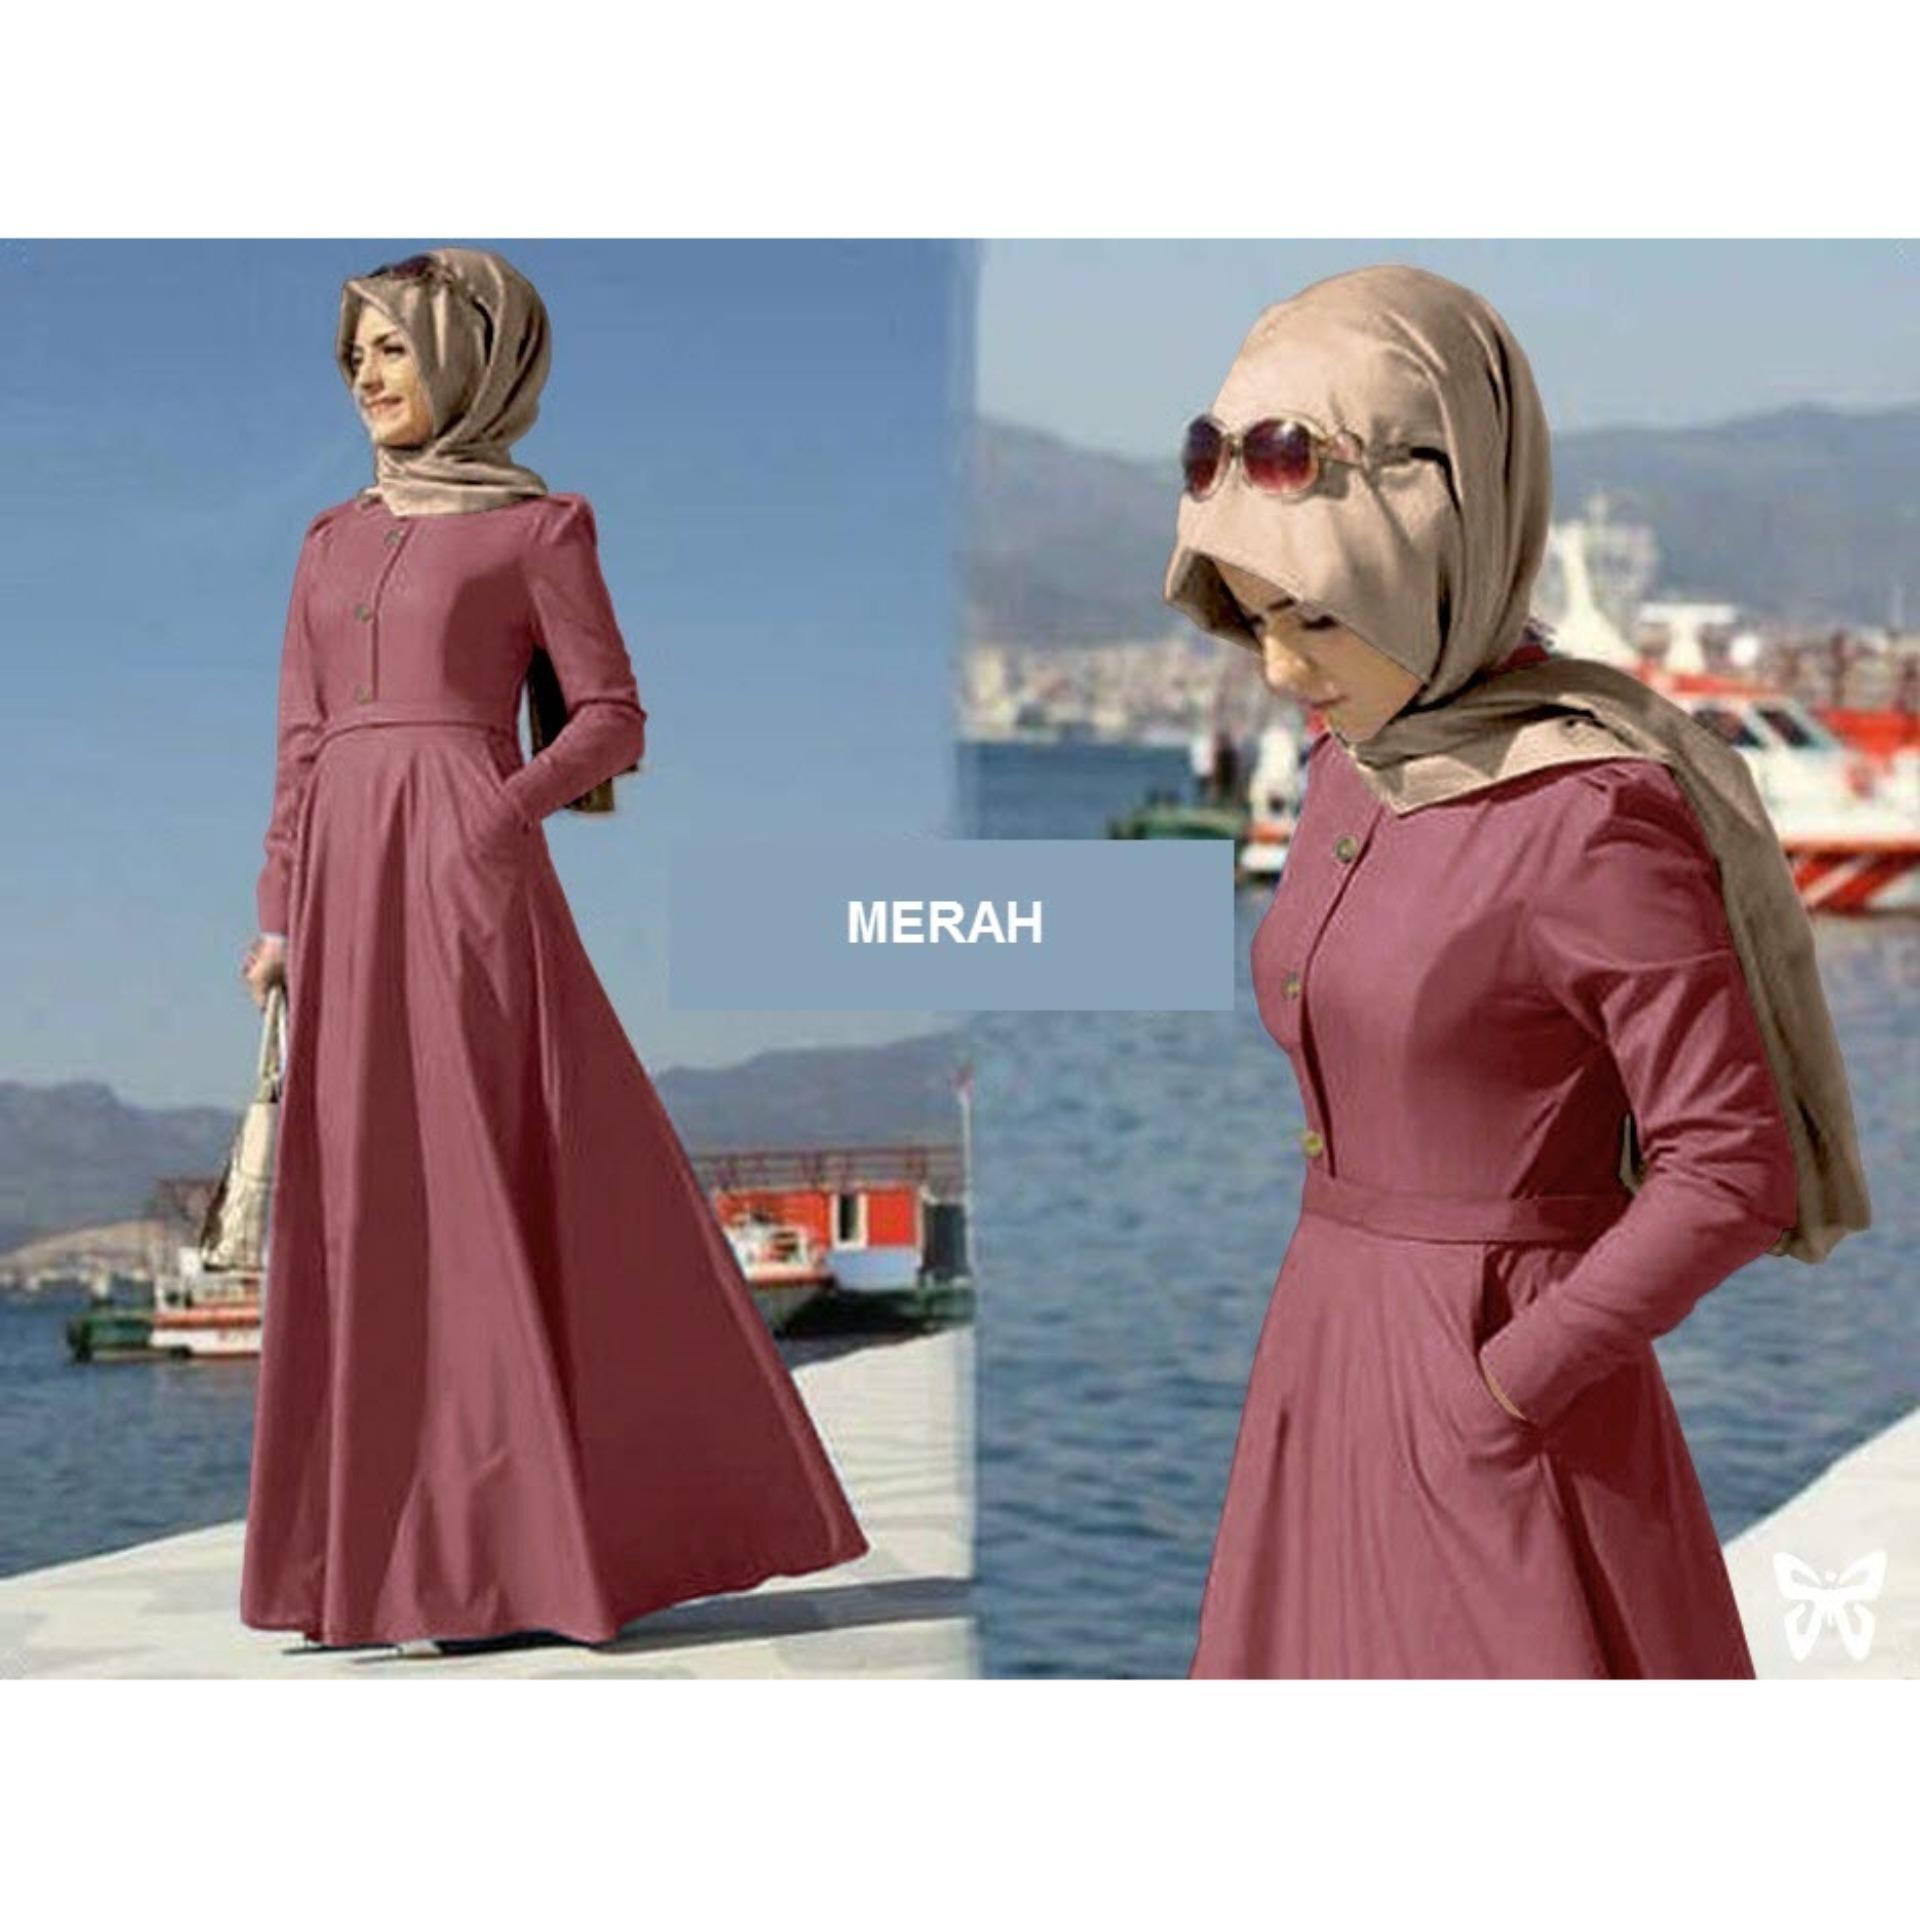 Flavia Store Maxi Dress Lengan Panjang Set 2 in 1 Busui MFS003 / Gamis Syari Polos / Gaun Muslimah / Baju Muslim Wanita Syar'i / Hijab / Sraida